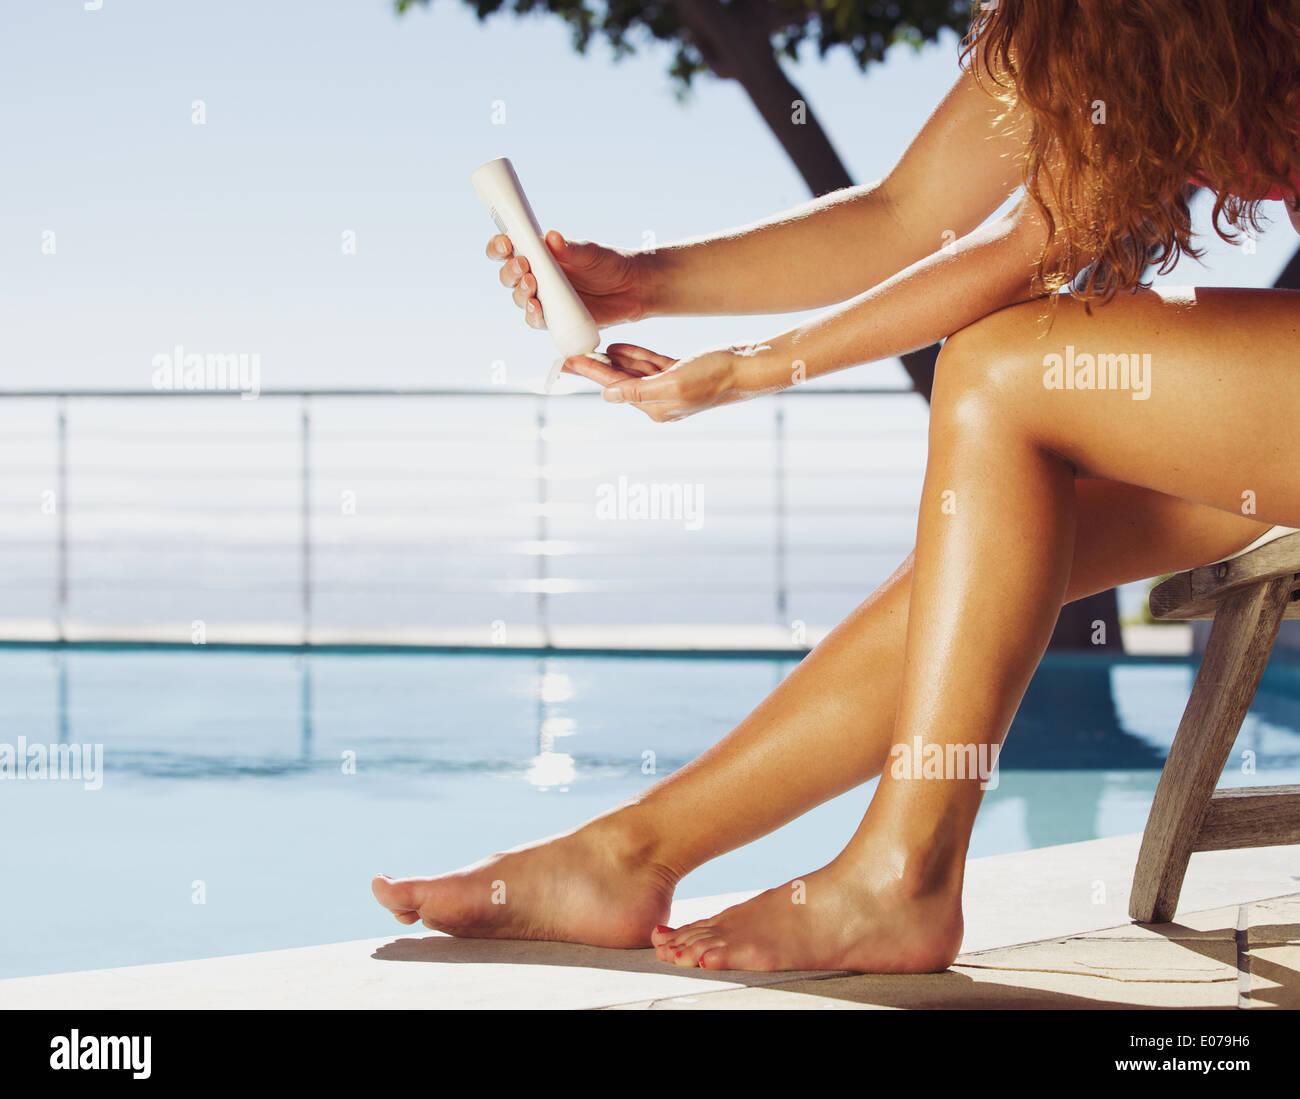 Frau sitzt auf Liegestuhl durch das Schwimmen pool Anwendung Sonnencreme auf ihre Beine. Weibliches Model Sonnenbaden am Pool. Stockbild